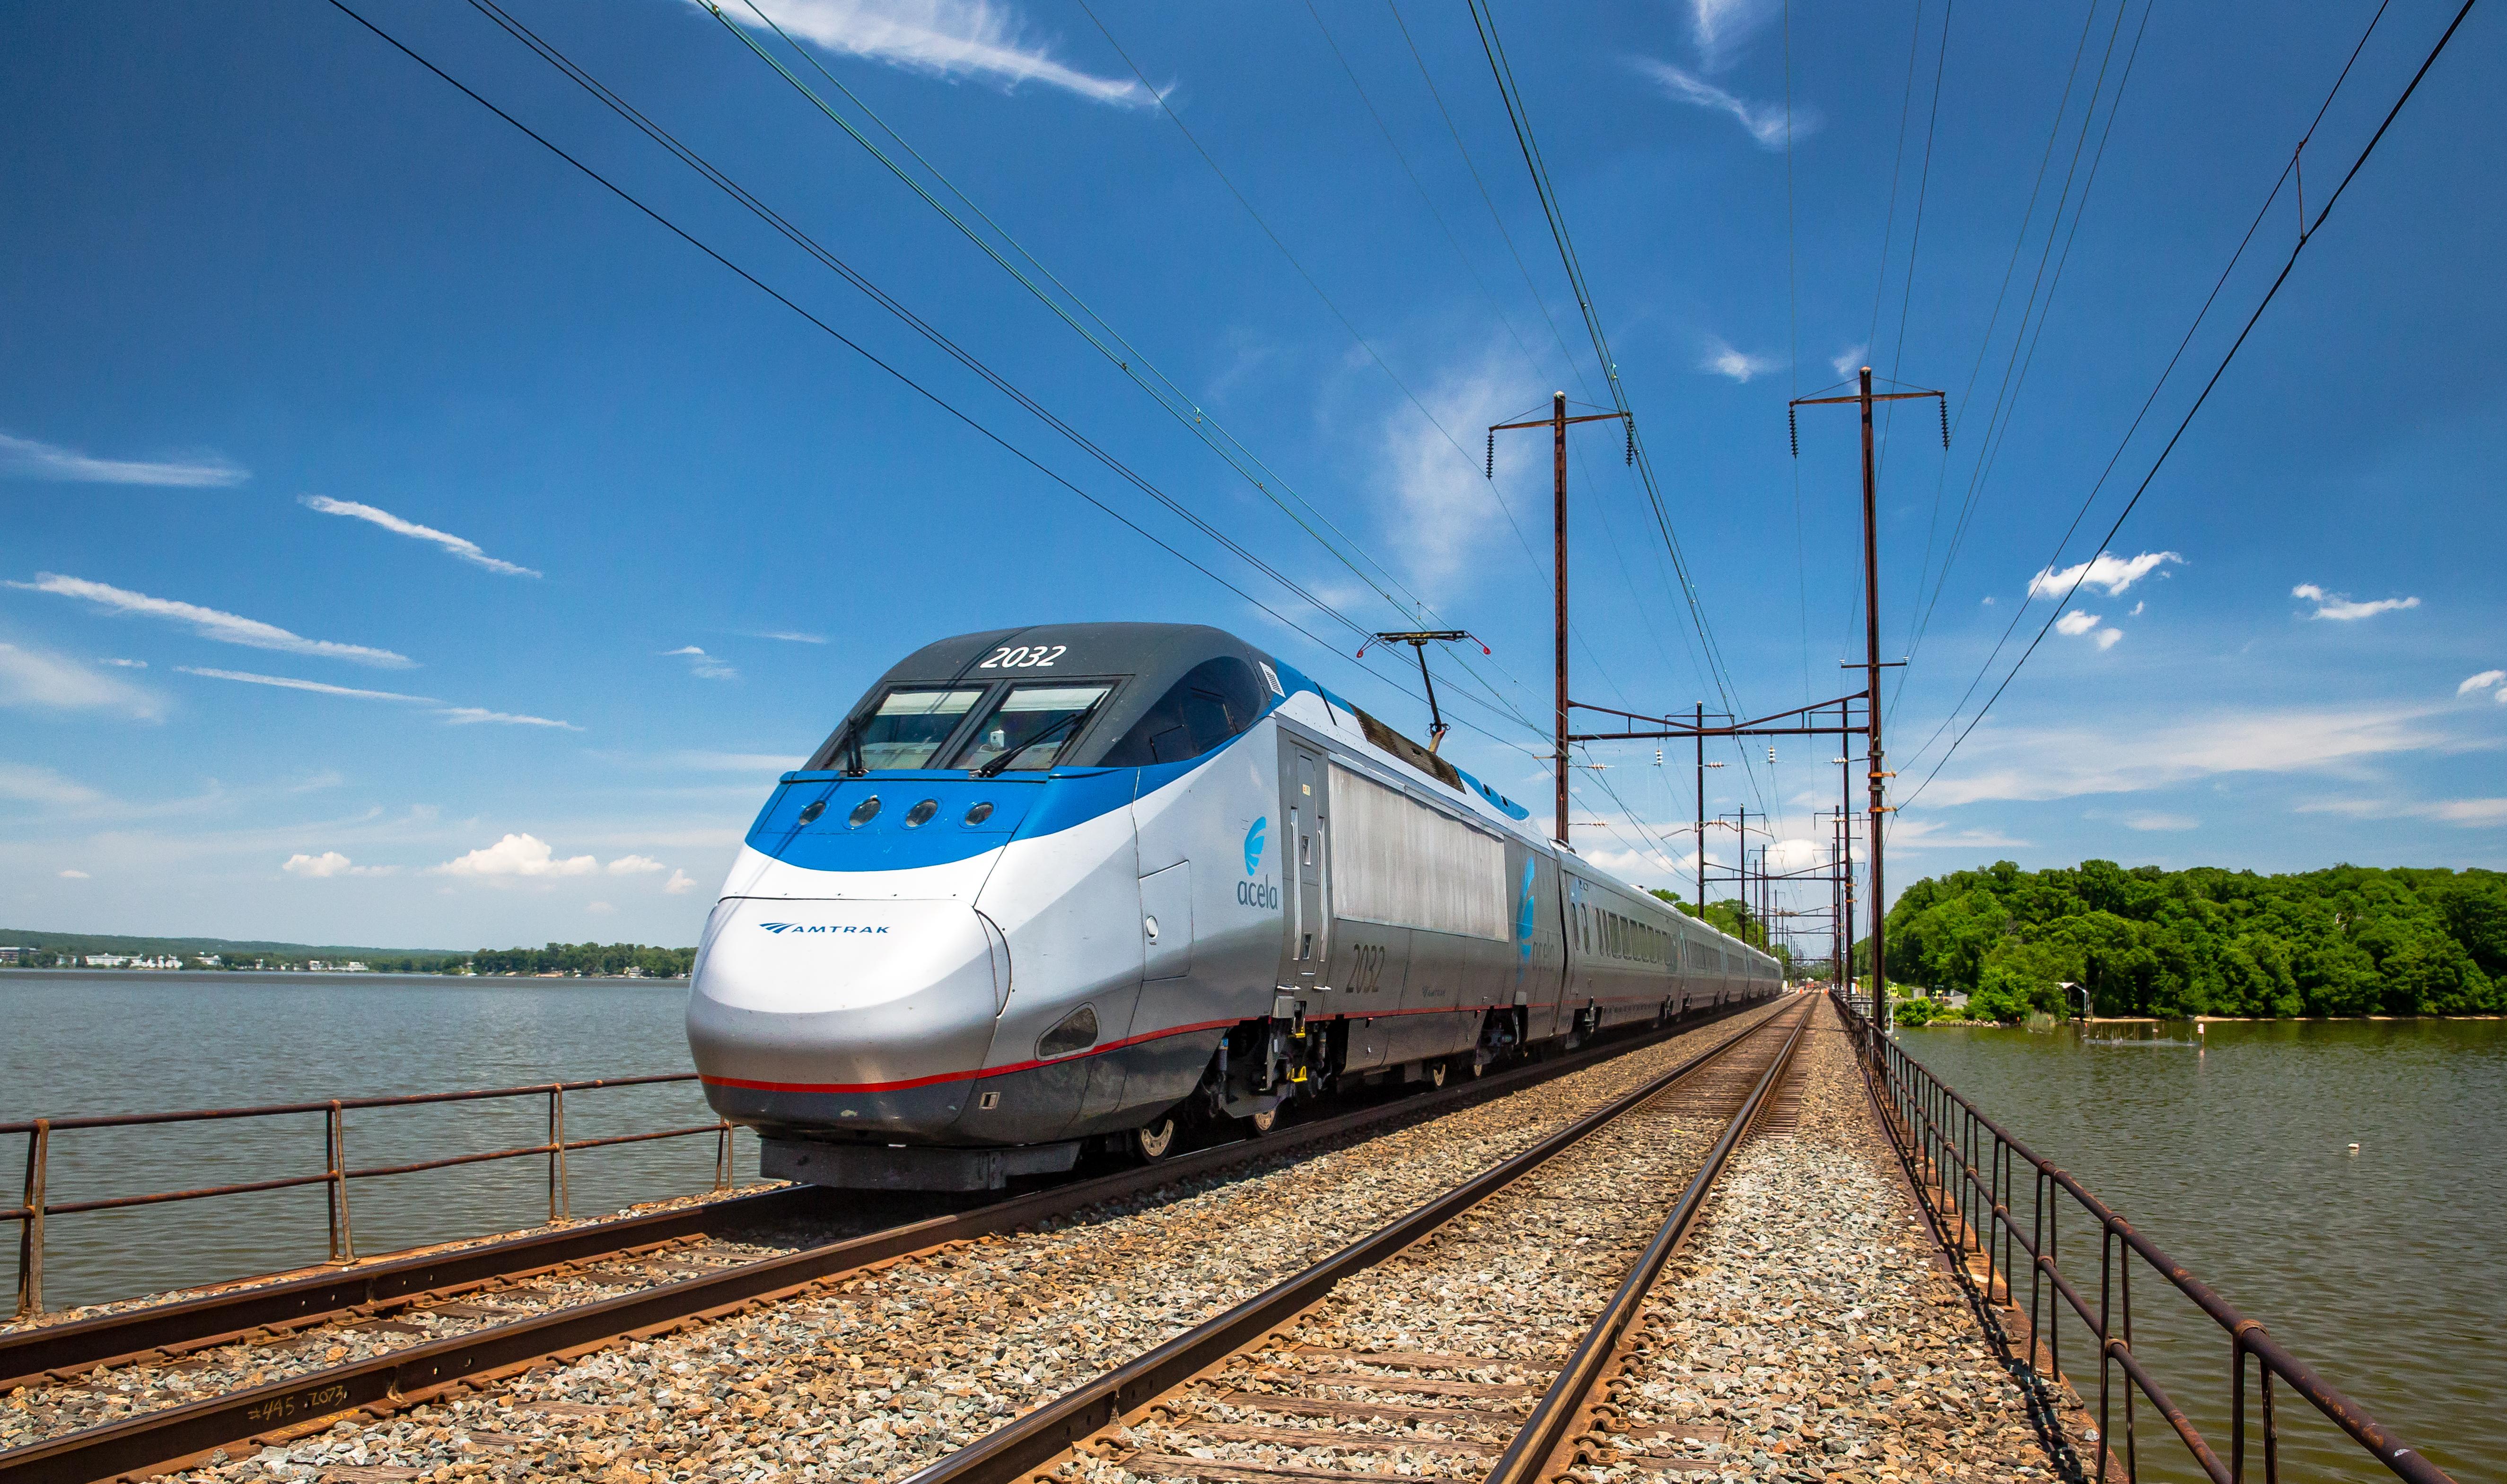 Acela, USA's højhastighedstog, kører med i snit 200 kilometer i timen fra Boston via New York til Washington D.C. Fra september kommer der ekspresversion af Acela på strækningen uden stop fra New York og Washington – dog kun med én afgang i hver retning på hverdage. Pressefoto: Amtrak.